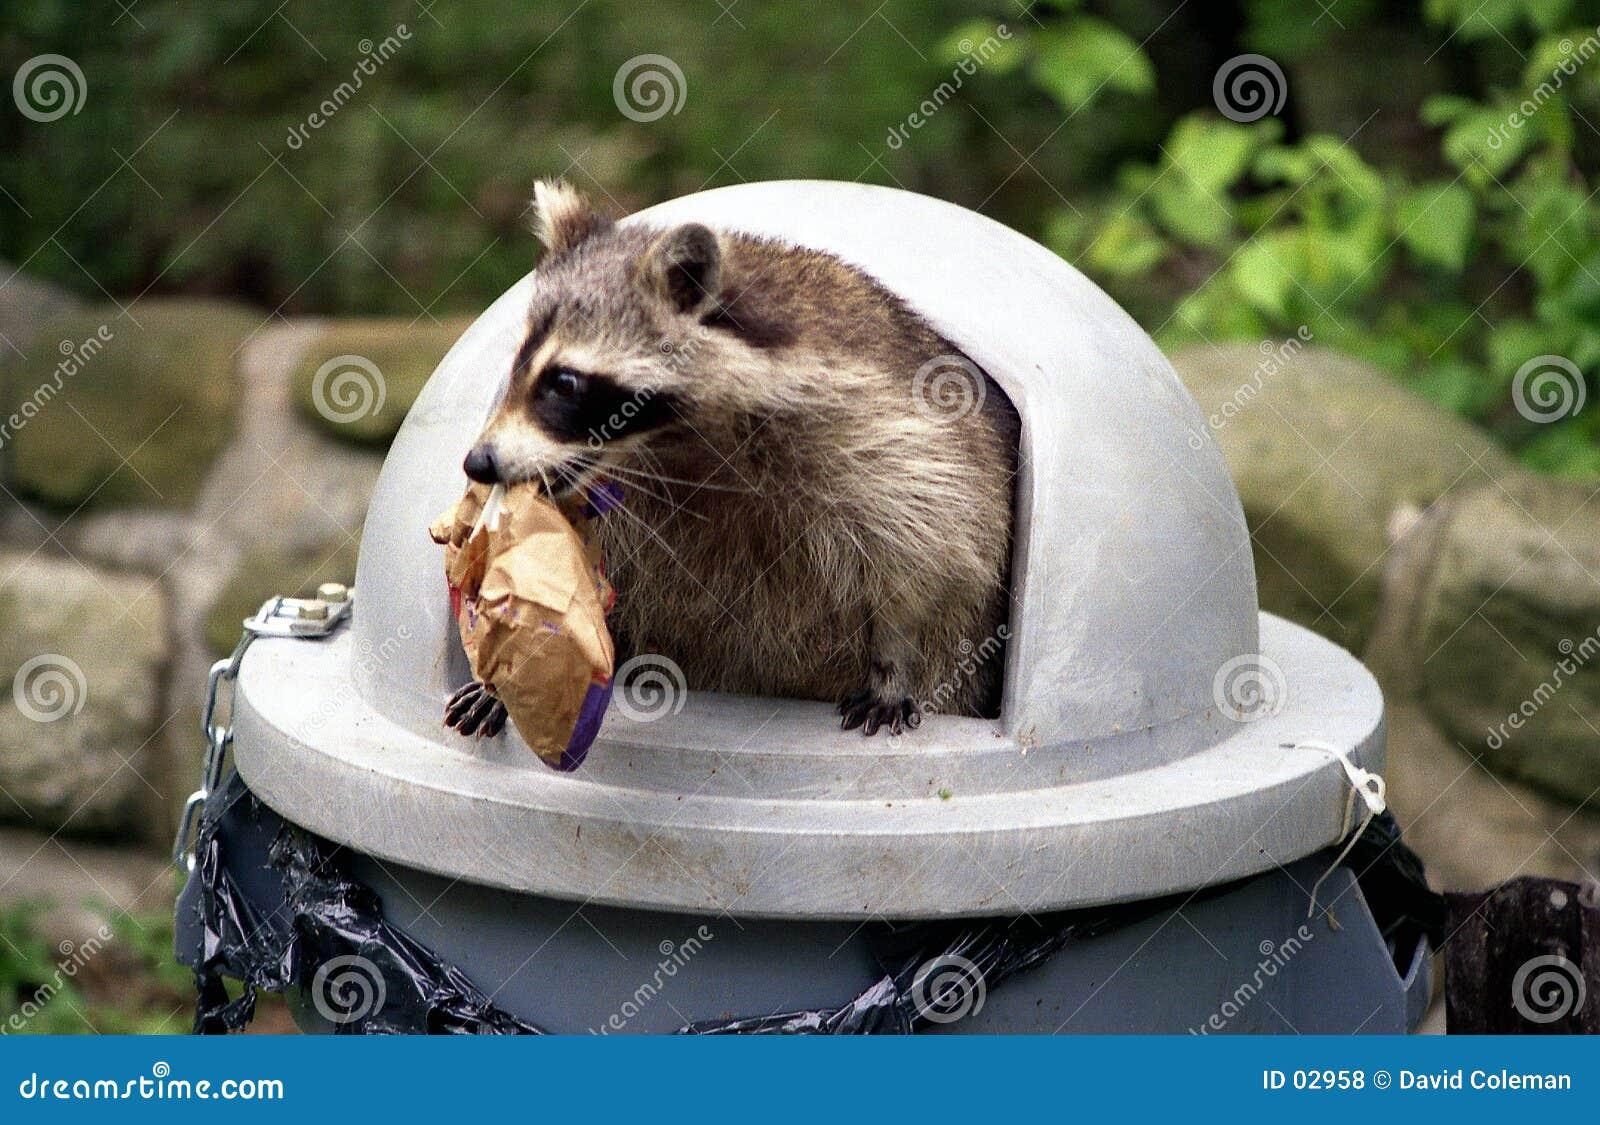 Raton laveur pillant la poubelle.